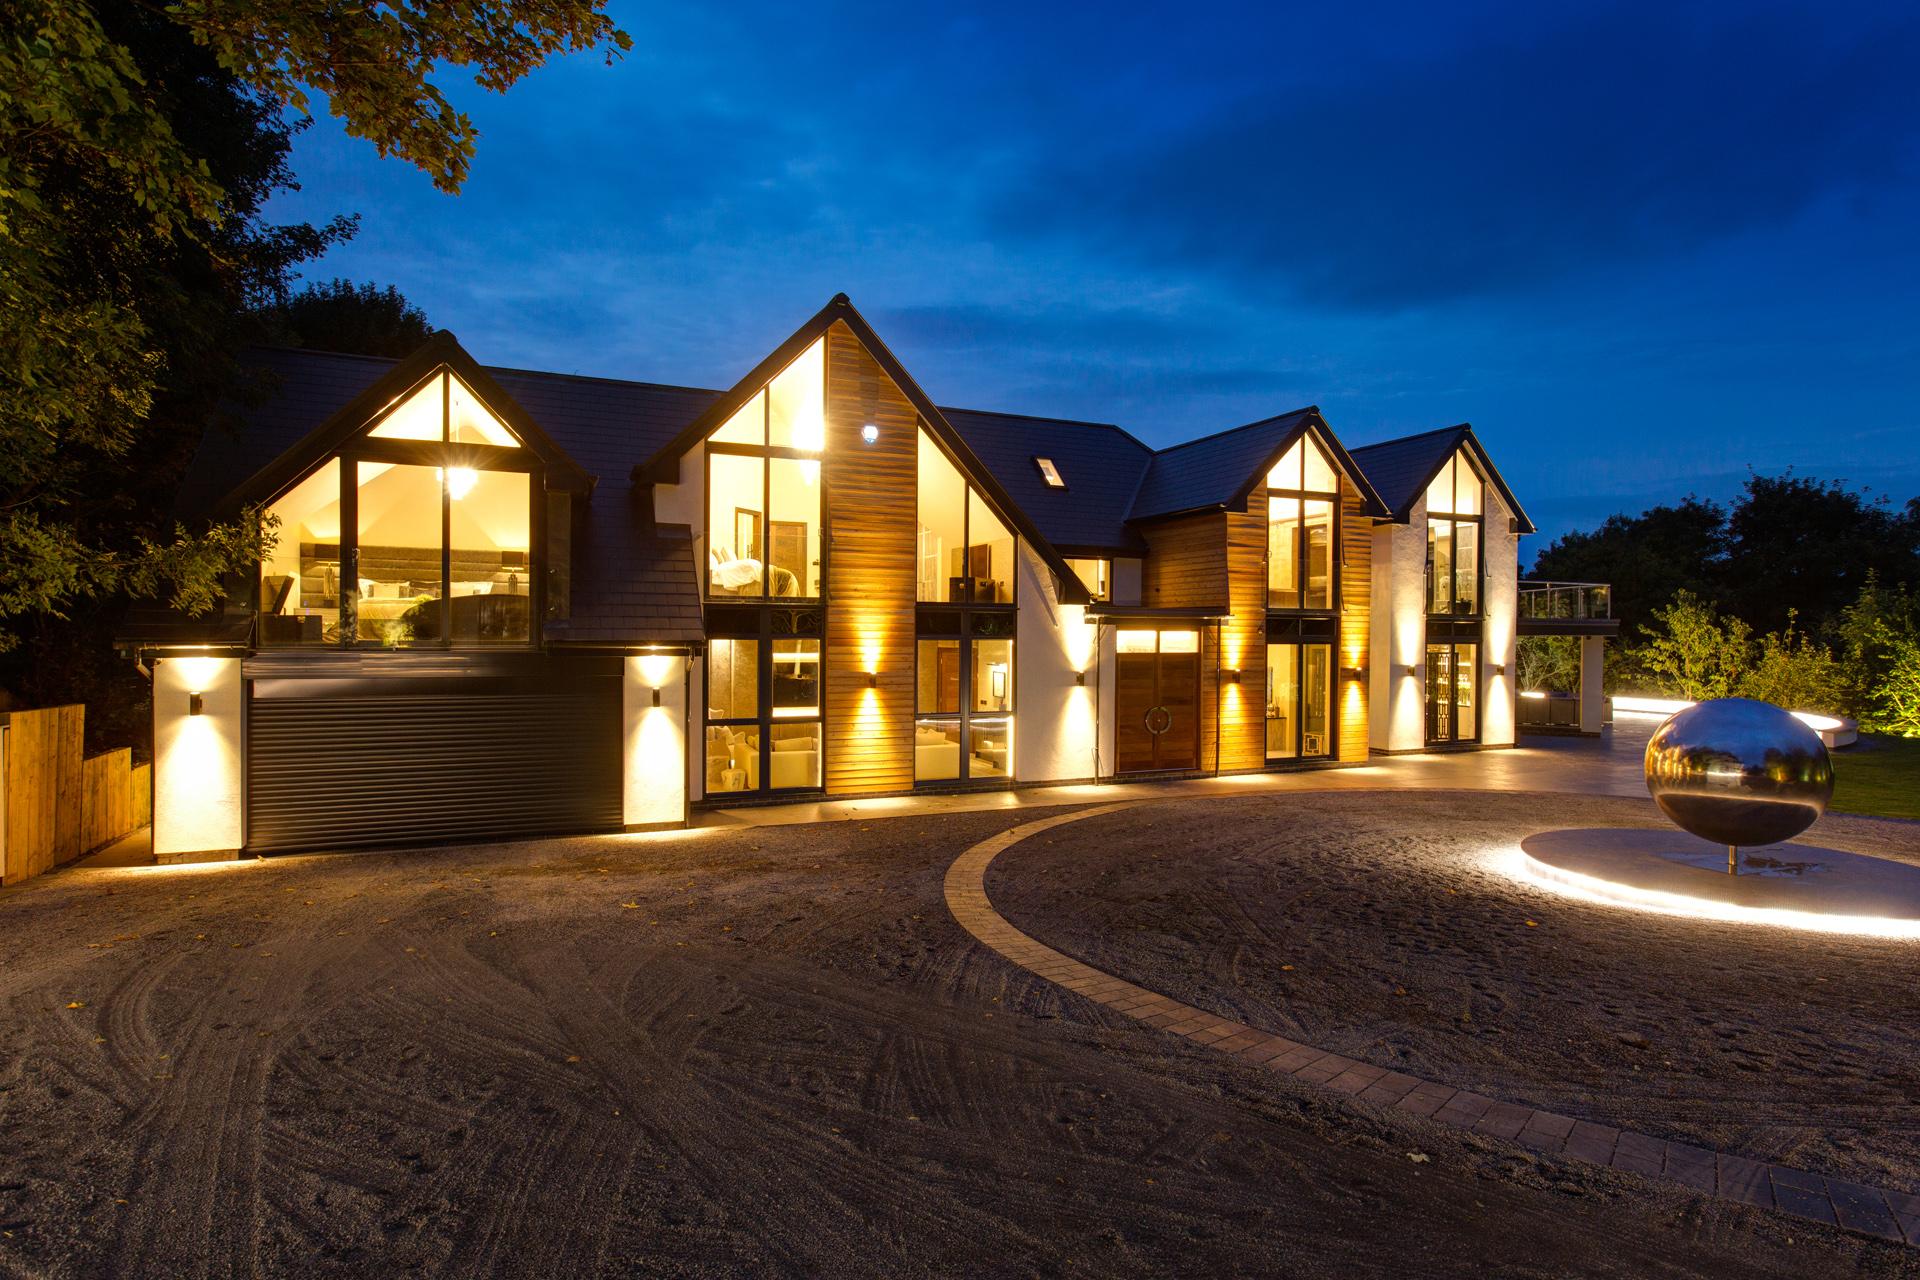 Luxury bespoke home at dusk